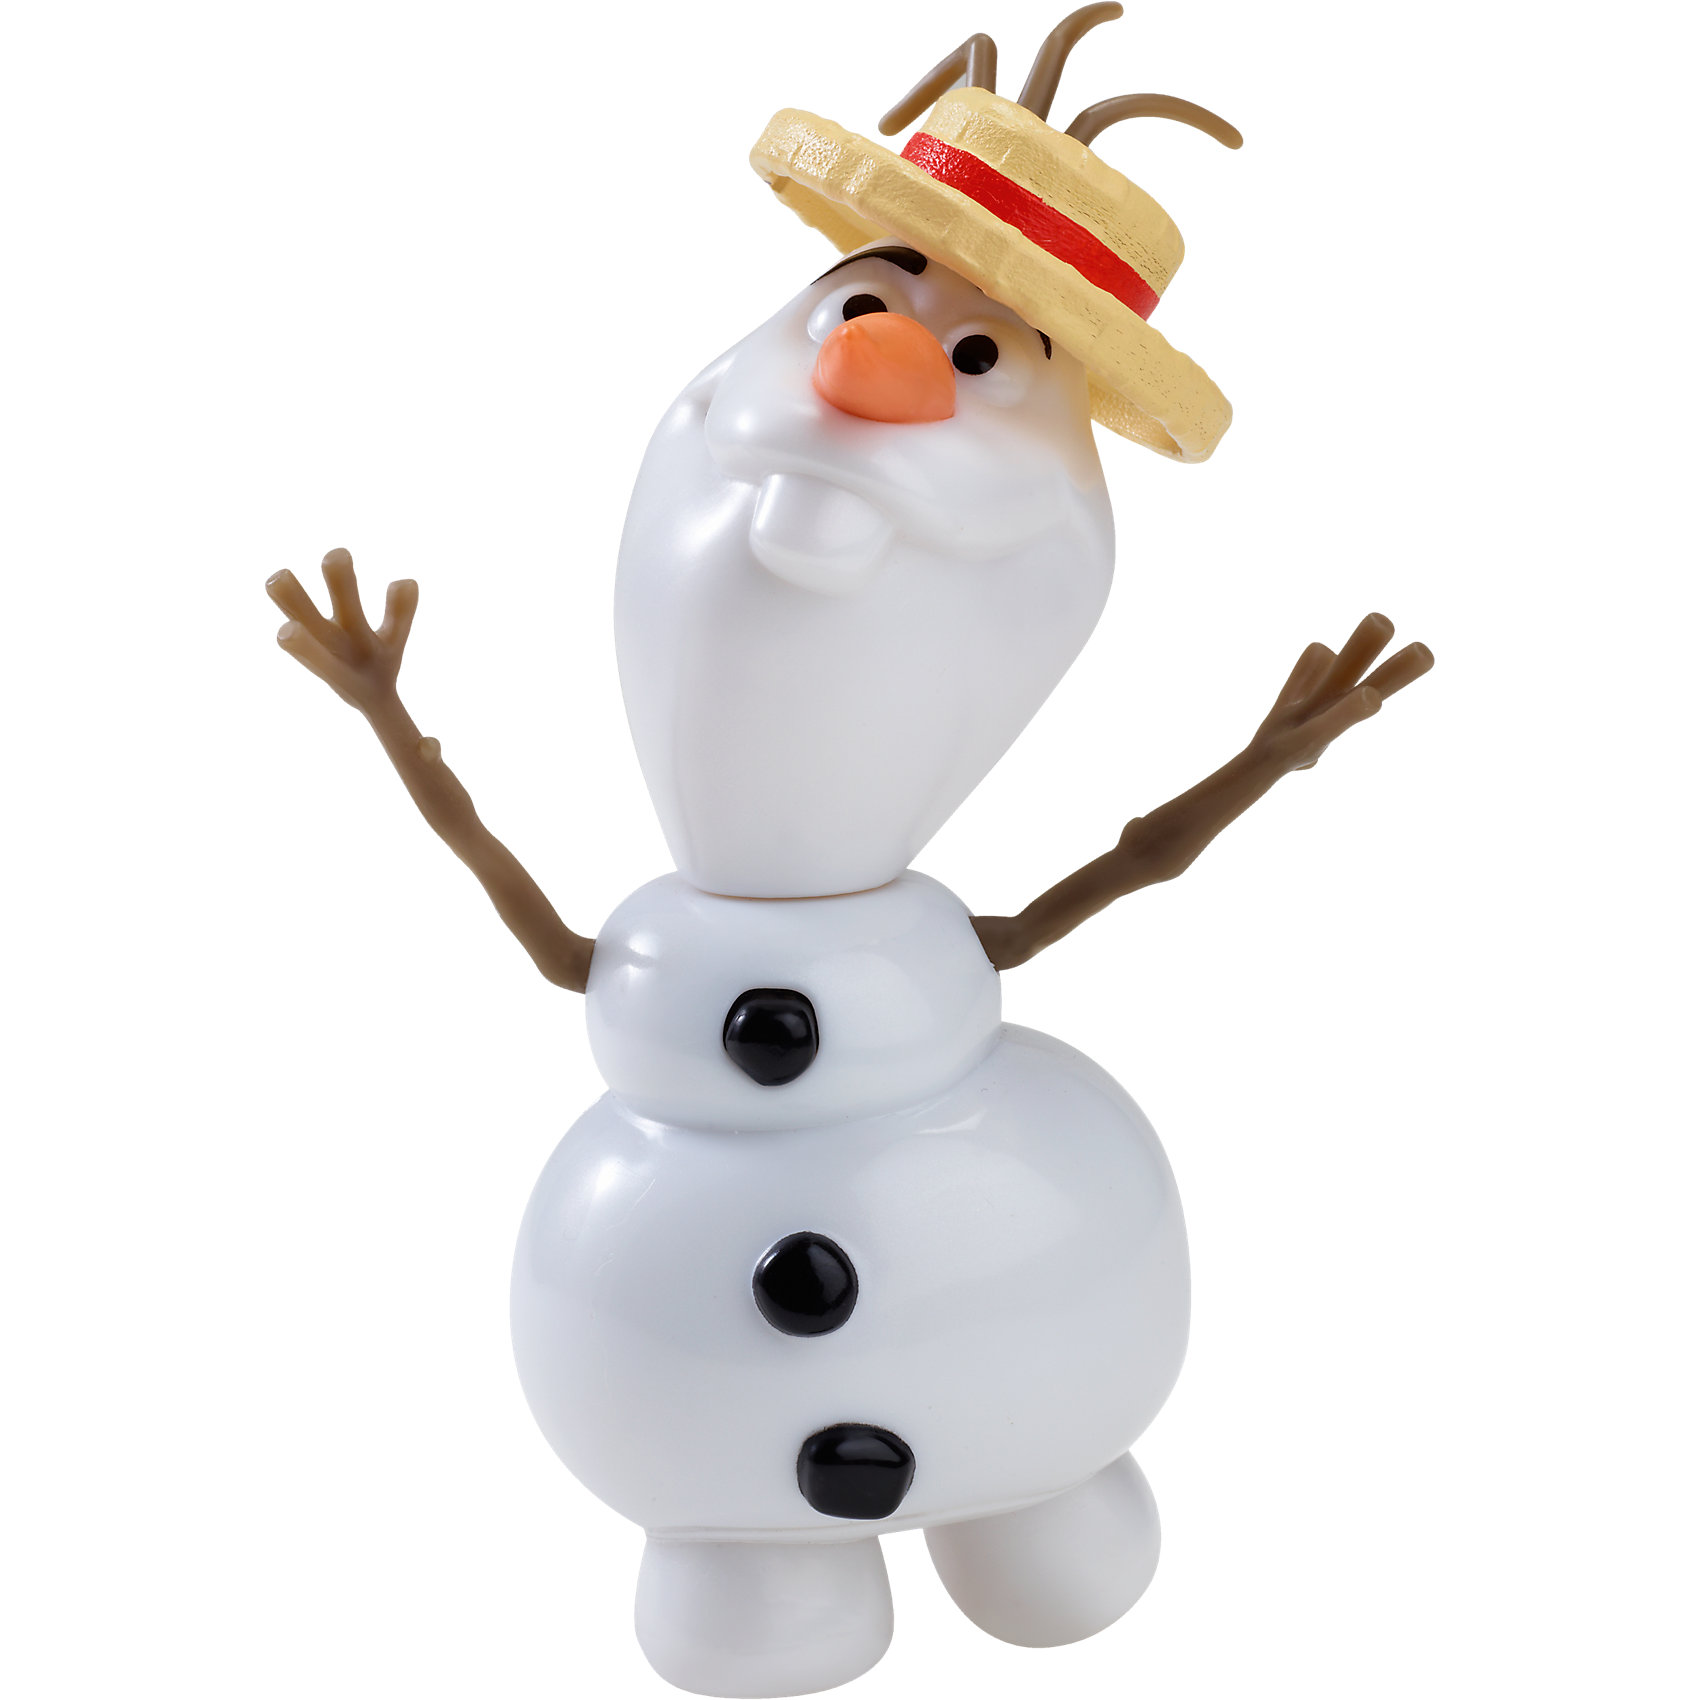 Снеговик Олаф, 20 см, Холодное СердцеЗабавный снеговик Олаф готов развеселить тебя песенкой из мультфильма Frozen. Надо лишь нажать на верхнюю пуговку и ты услышишь знакомую мелодию. Фигурка снеговика прекрасно детализирована и очень похожа на персонажа мультфильма.<br><br>Дополнительная информация:<br><br>- Материал: пластик.<br>- Голова, руки подвижные; шляпа снимается. <br>- Голову можно отсоединить от тела. <br>- Высота: 20 см.<br>- Элемент питания: 3 х AG13 / LR44 (миниатюрные, в комплекте). <br><br>Снеговика Олафа, 20 см, Холодное Сердце, можно купить в нашем магазине.<br><br>Ширина мм: 207<br>Глубина мм: 175<br>Высота мм: 60<br>Вес г: 156<br>Возраст от месяцев: 36<br>Возраст до месяцев: 72<br>Пол: Женский<br>Возраст: Детский<br>SKU: 3858593